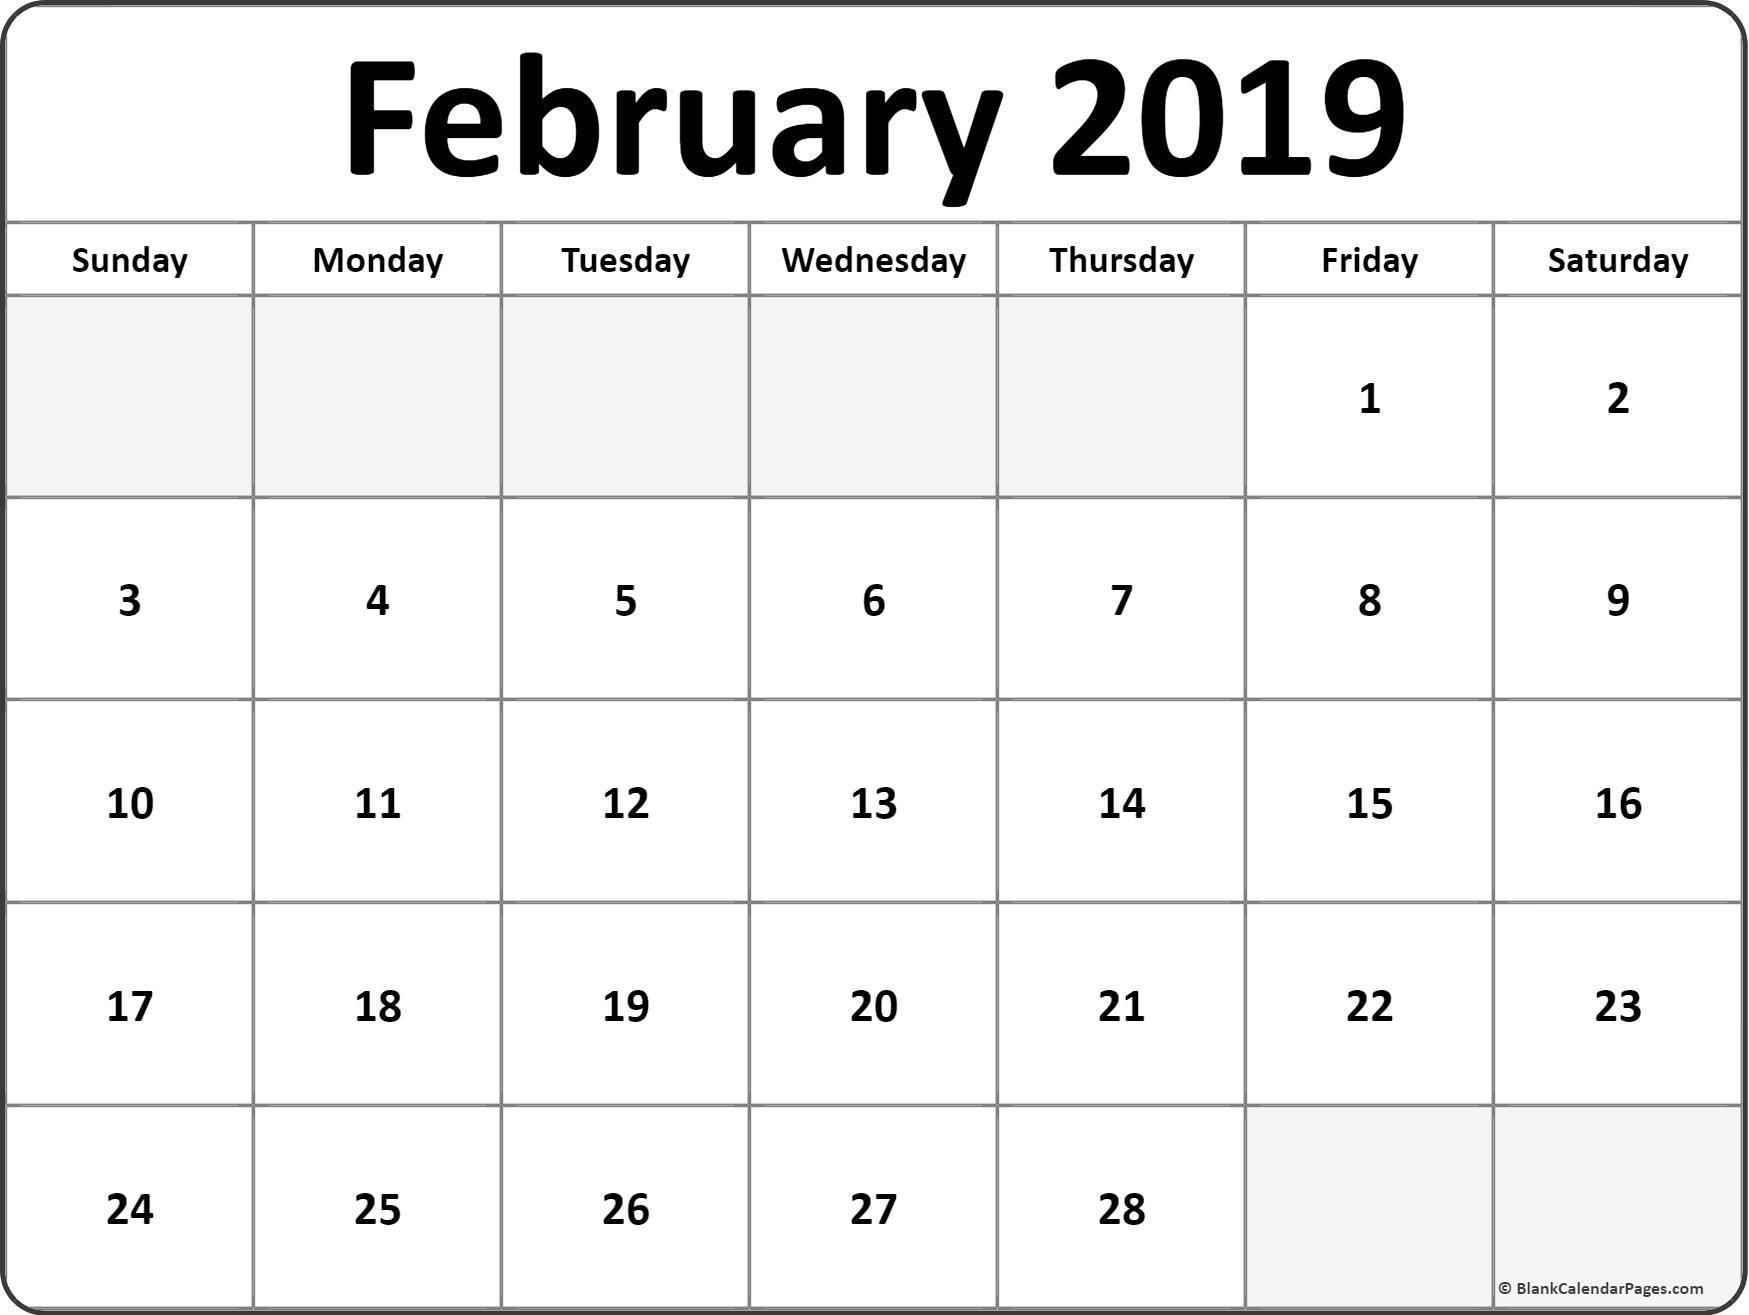 December 2019 Blank Calendar | Calendar Template  Rancholasvoces Free Printable Calendar